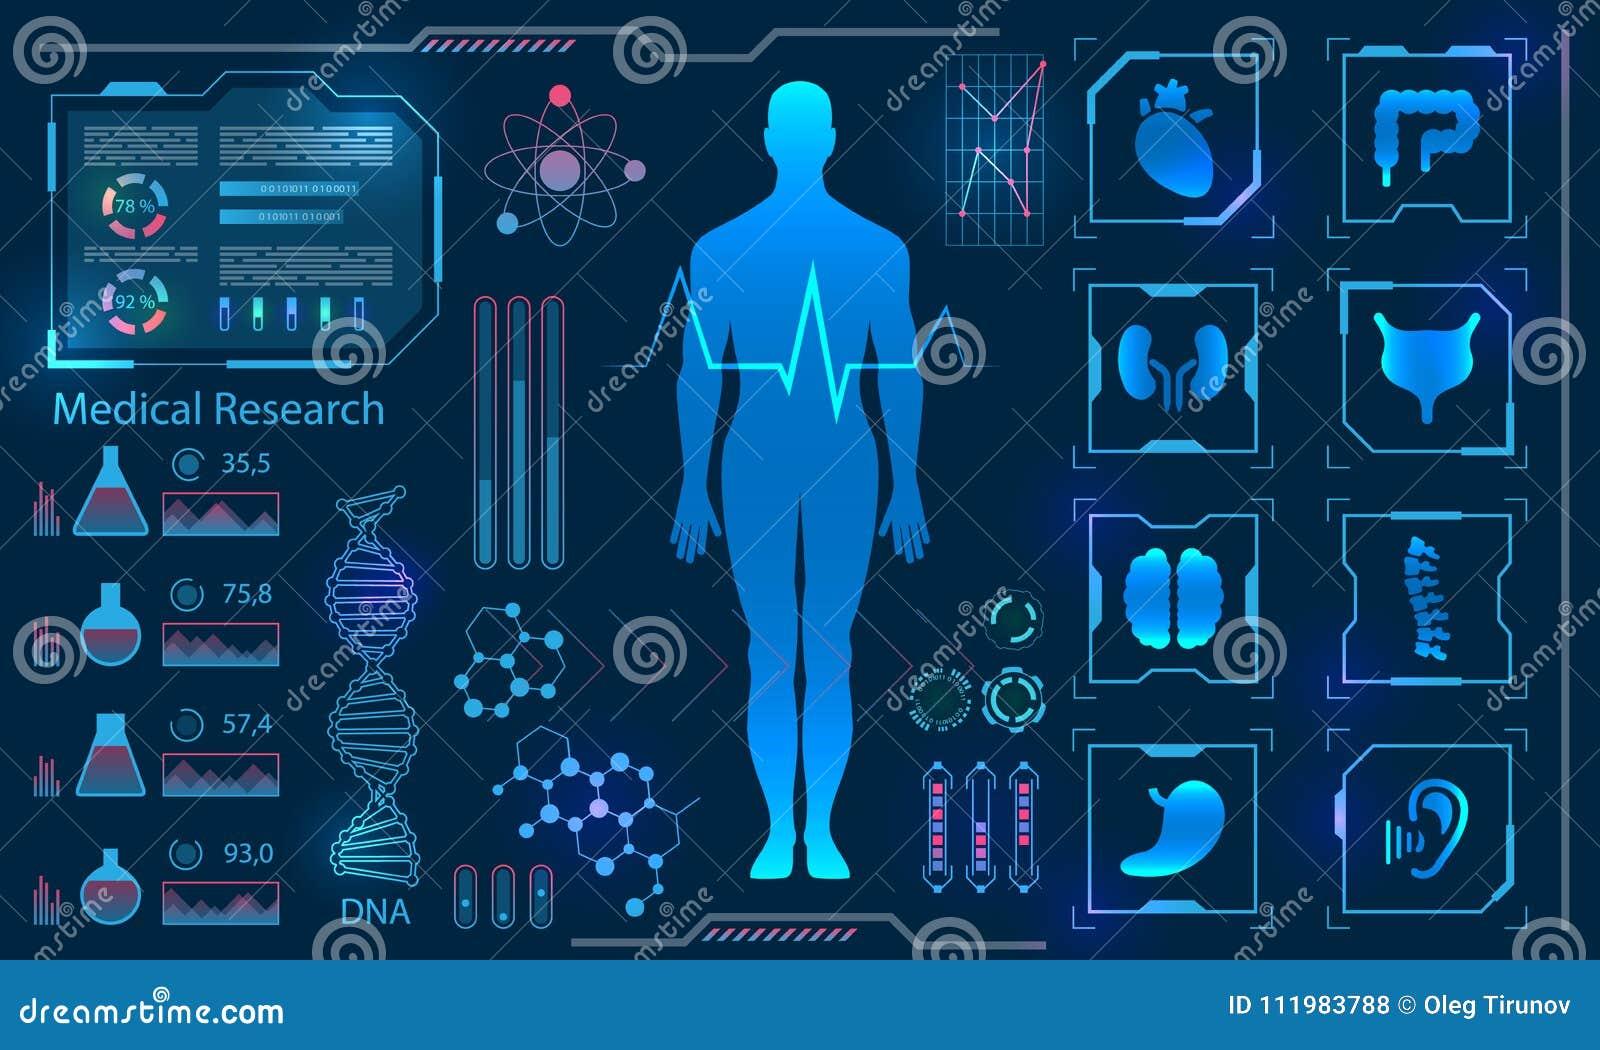 Medizinisches Gesundheitswesen-menschliche virtueller Körper-High-Teche Diagnoseplatte, Medizin-Forschung